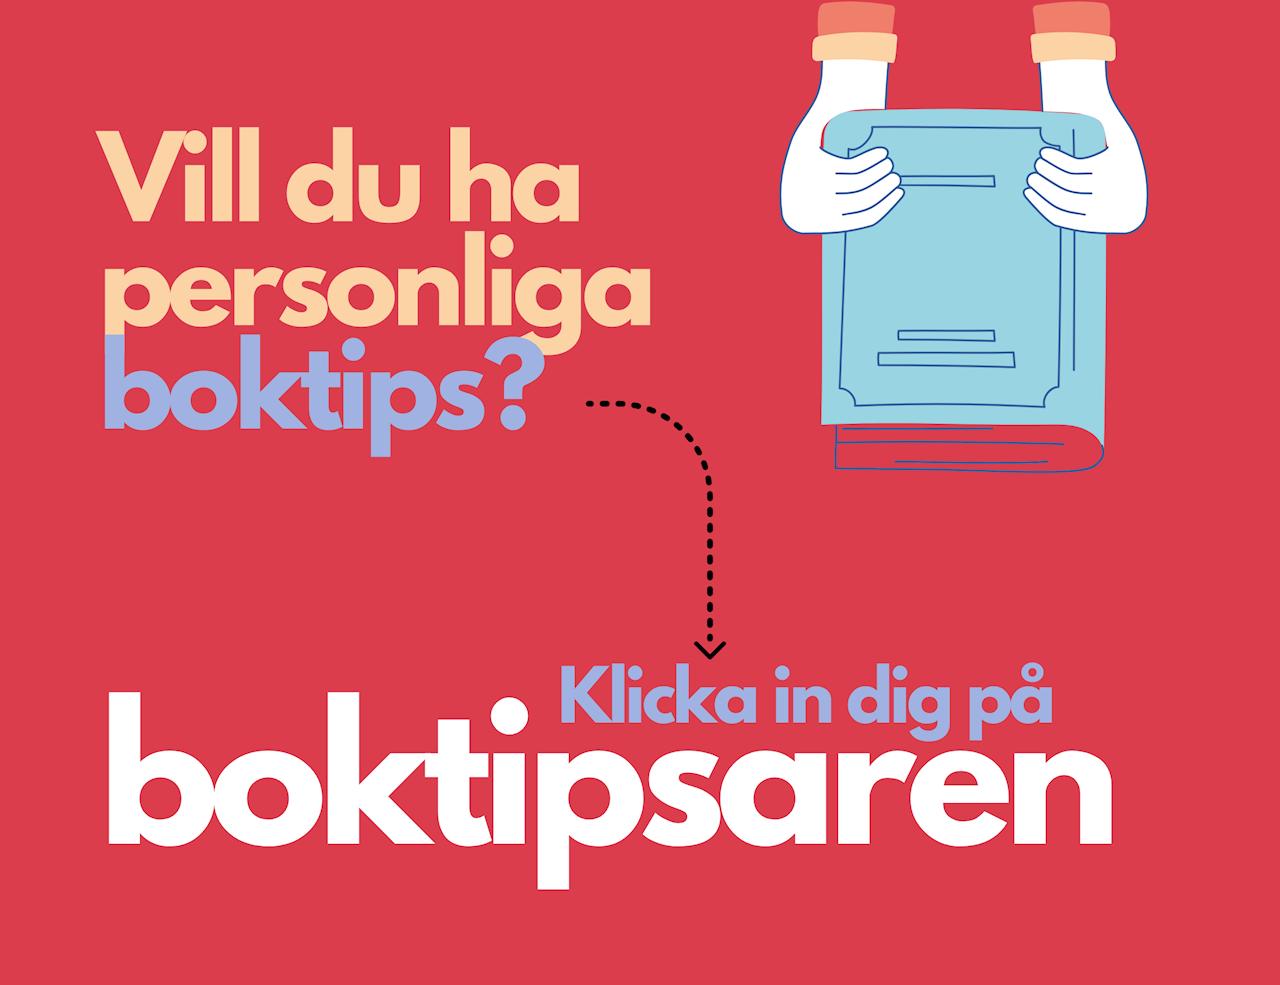 Klicka in dig på boktipsaren. Ett par händer håller upp en ljusblå favoritbok mot hallonröd bakrund.